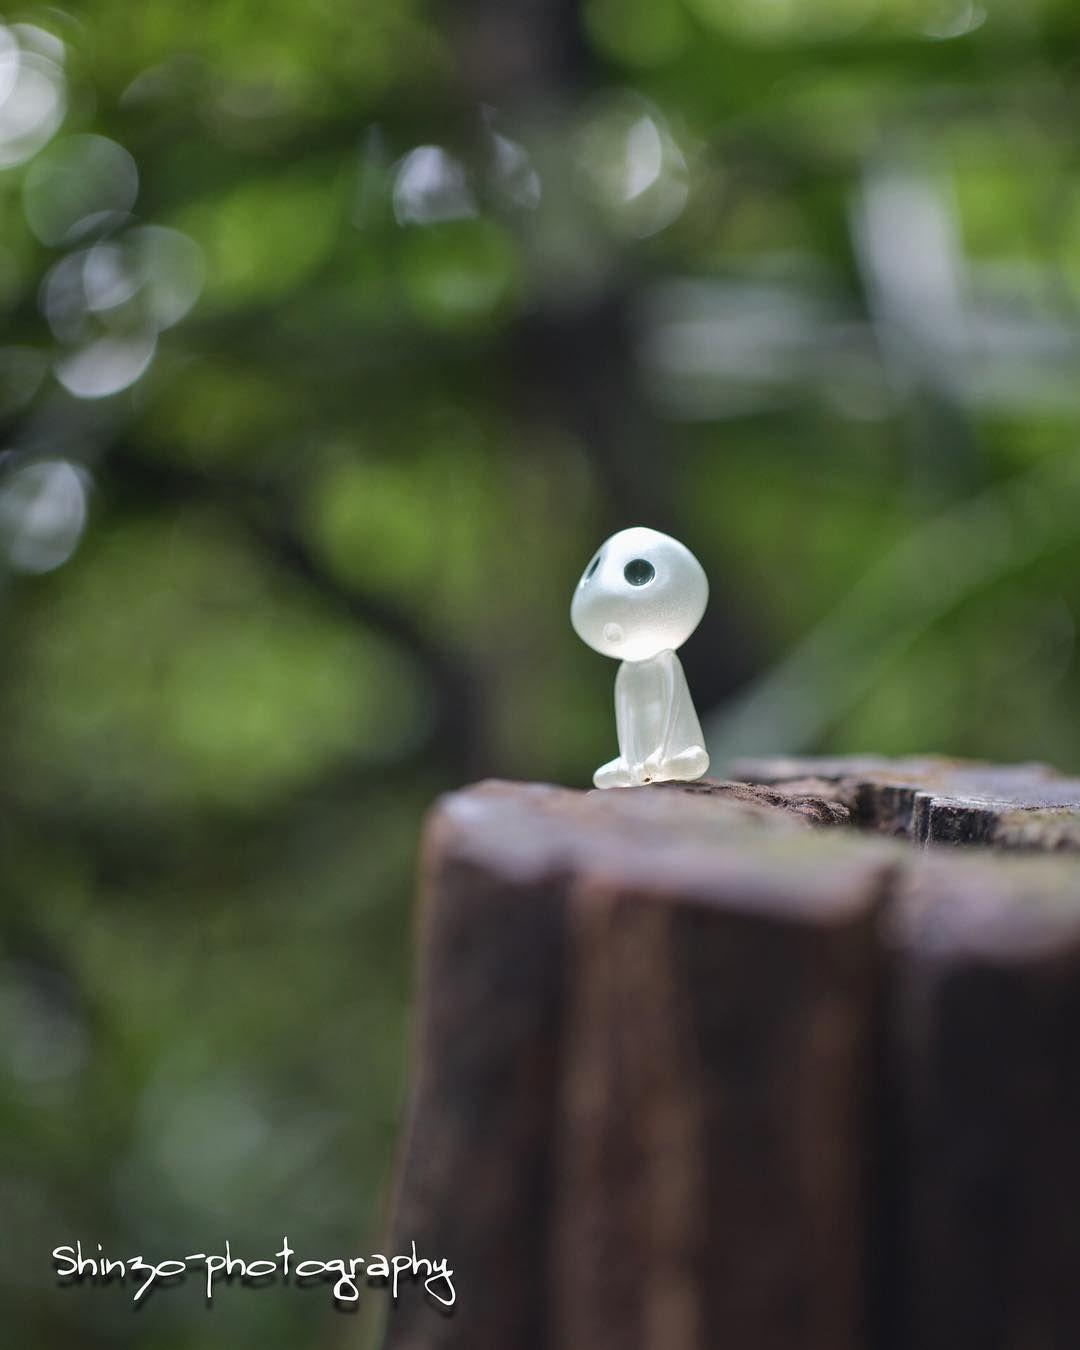 Pin By Ghibligoodsfan ジブリグッズファン On Ghibli Art ジブリアート Ghibli Art Ghibli Instagram